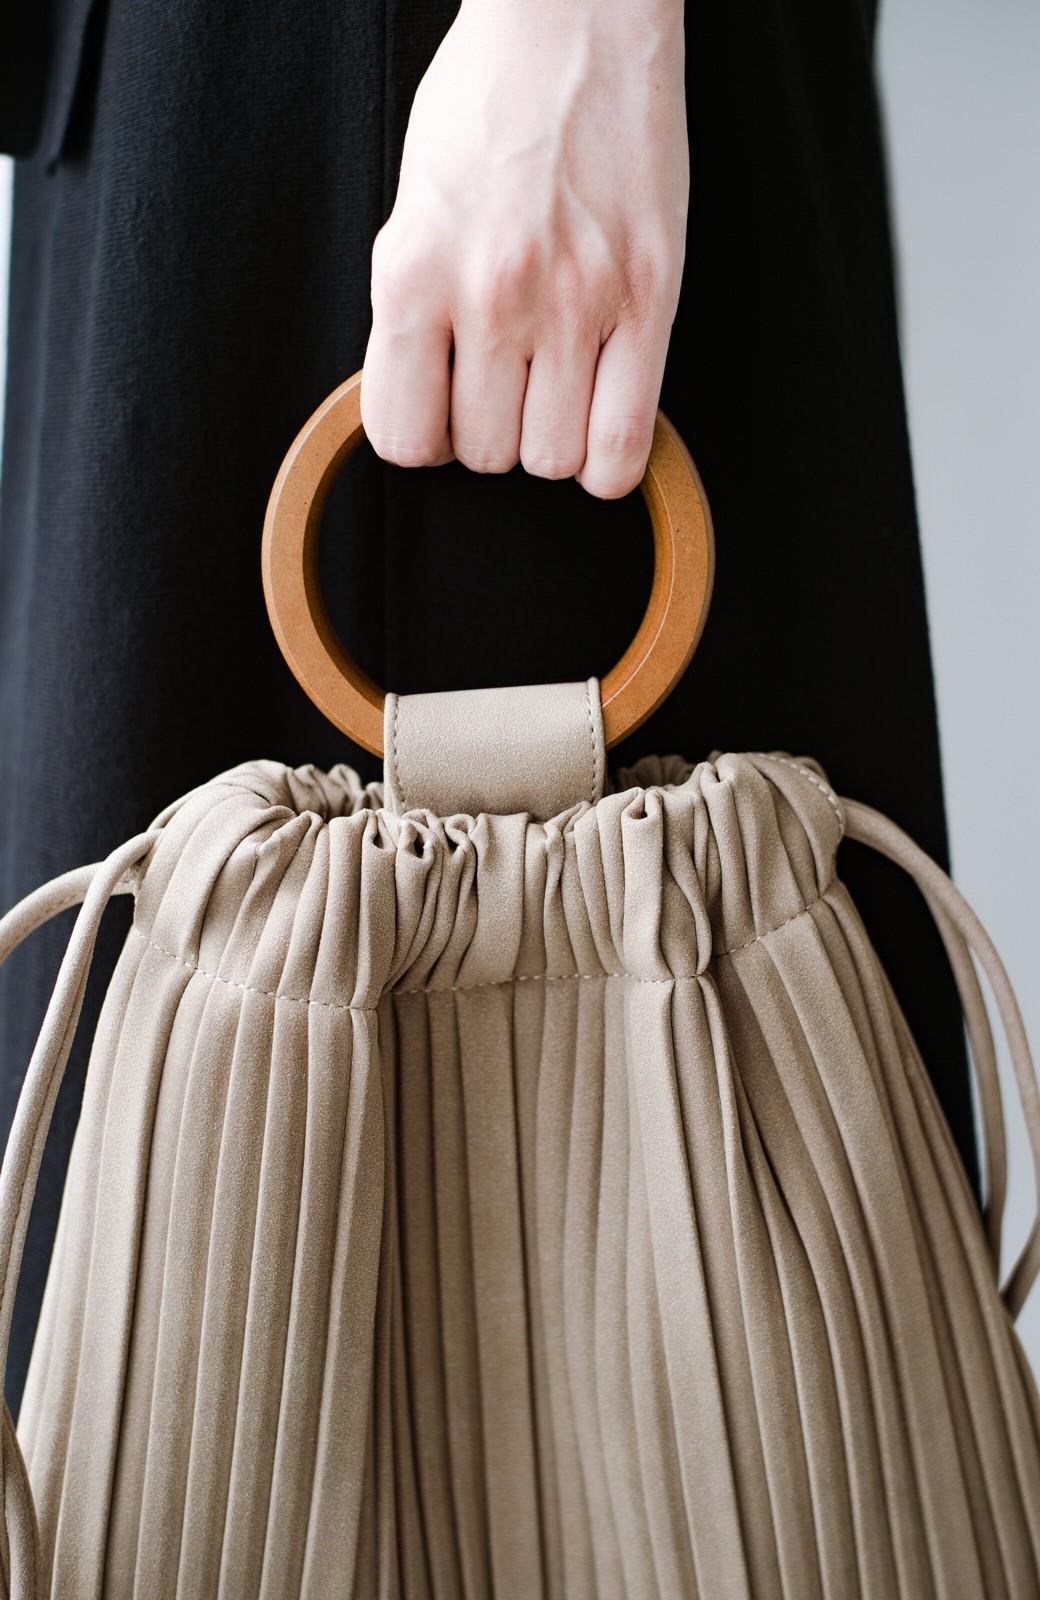 haco! パッと持ってコーデのポイントになる フェイクスエードがやさしい雰囲気の2WAYプリーツバッグ <ベージュ>の商品写真7